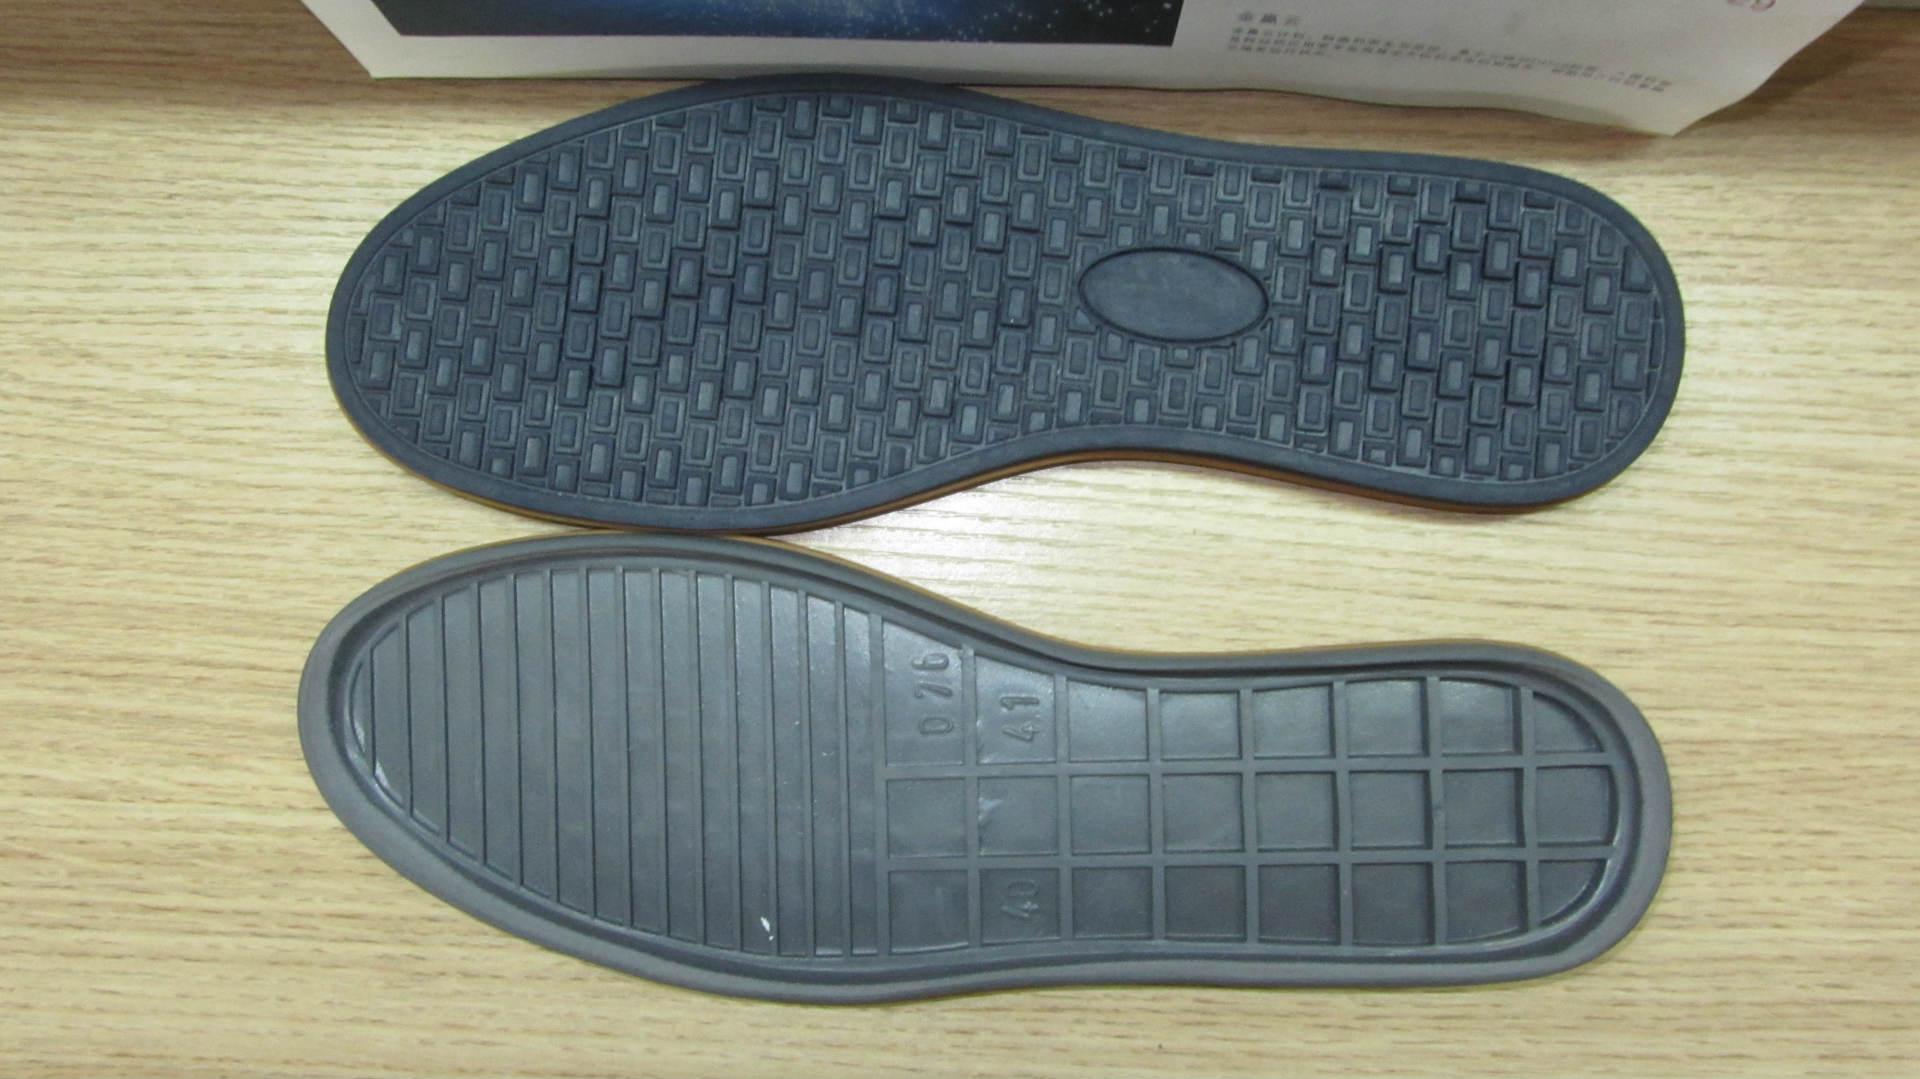 牛筋鞋底和橡胶鞋底_硫化底和橡胶底区别_百度知道